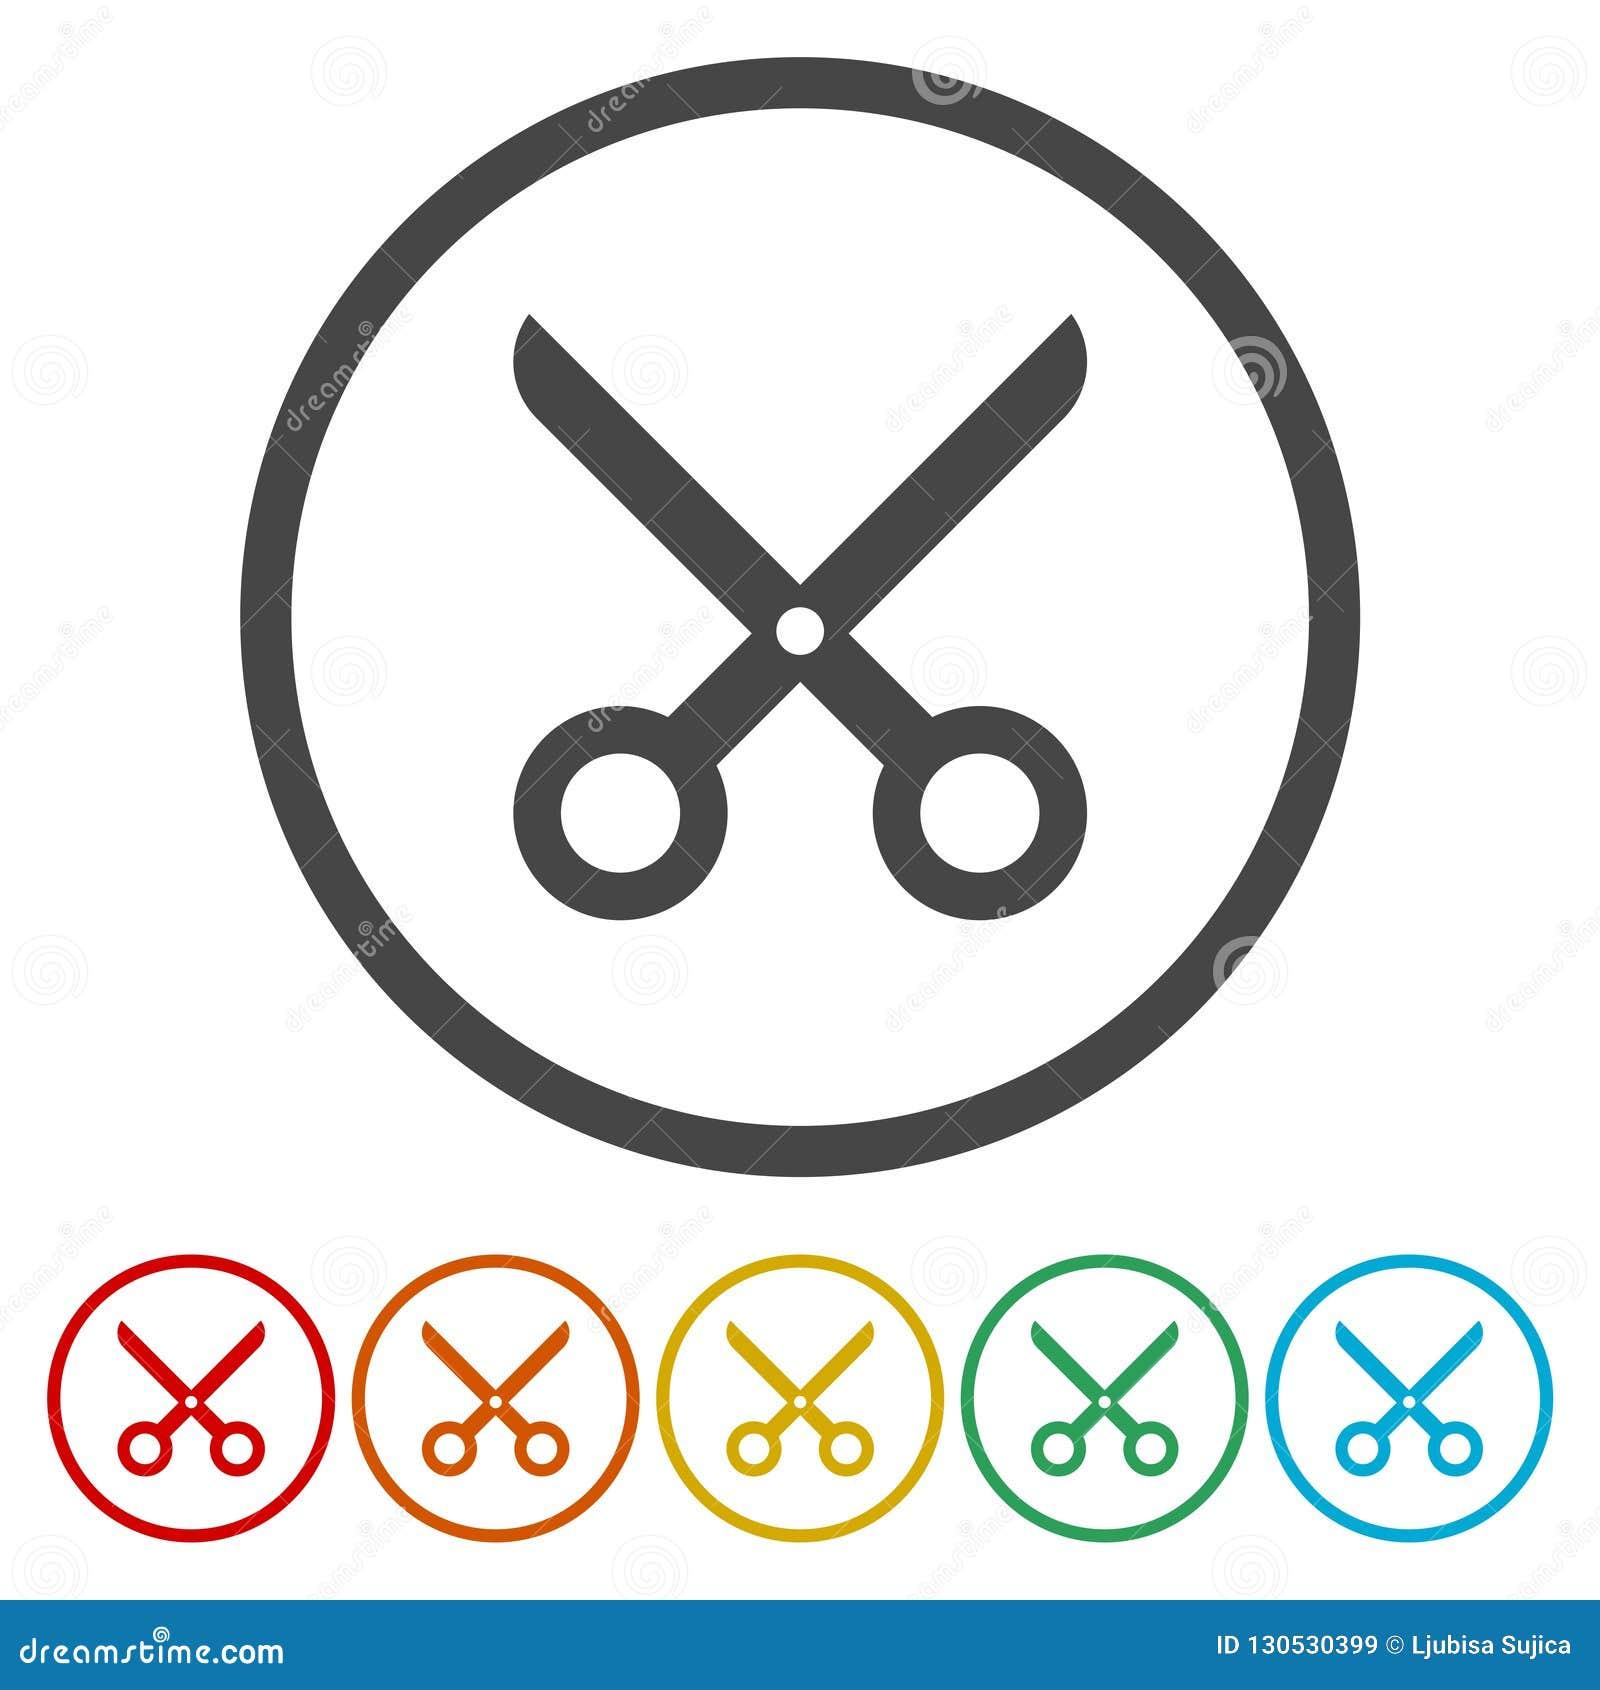 Tagli, forbici, lavagna per appunti o icona di modo